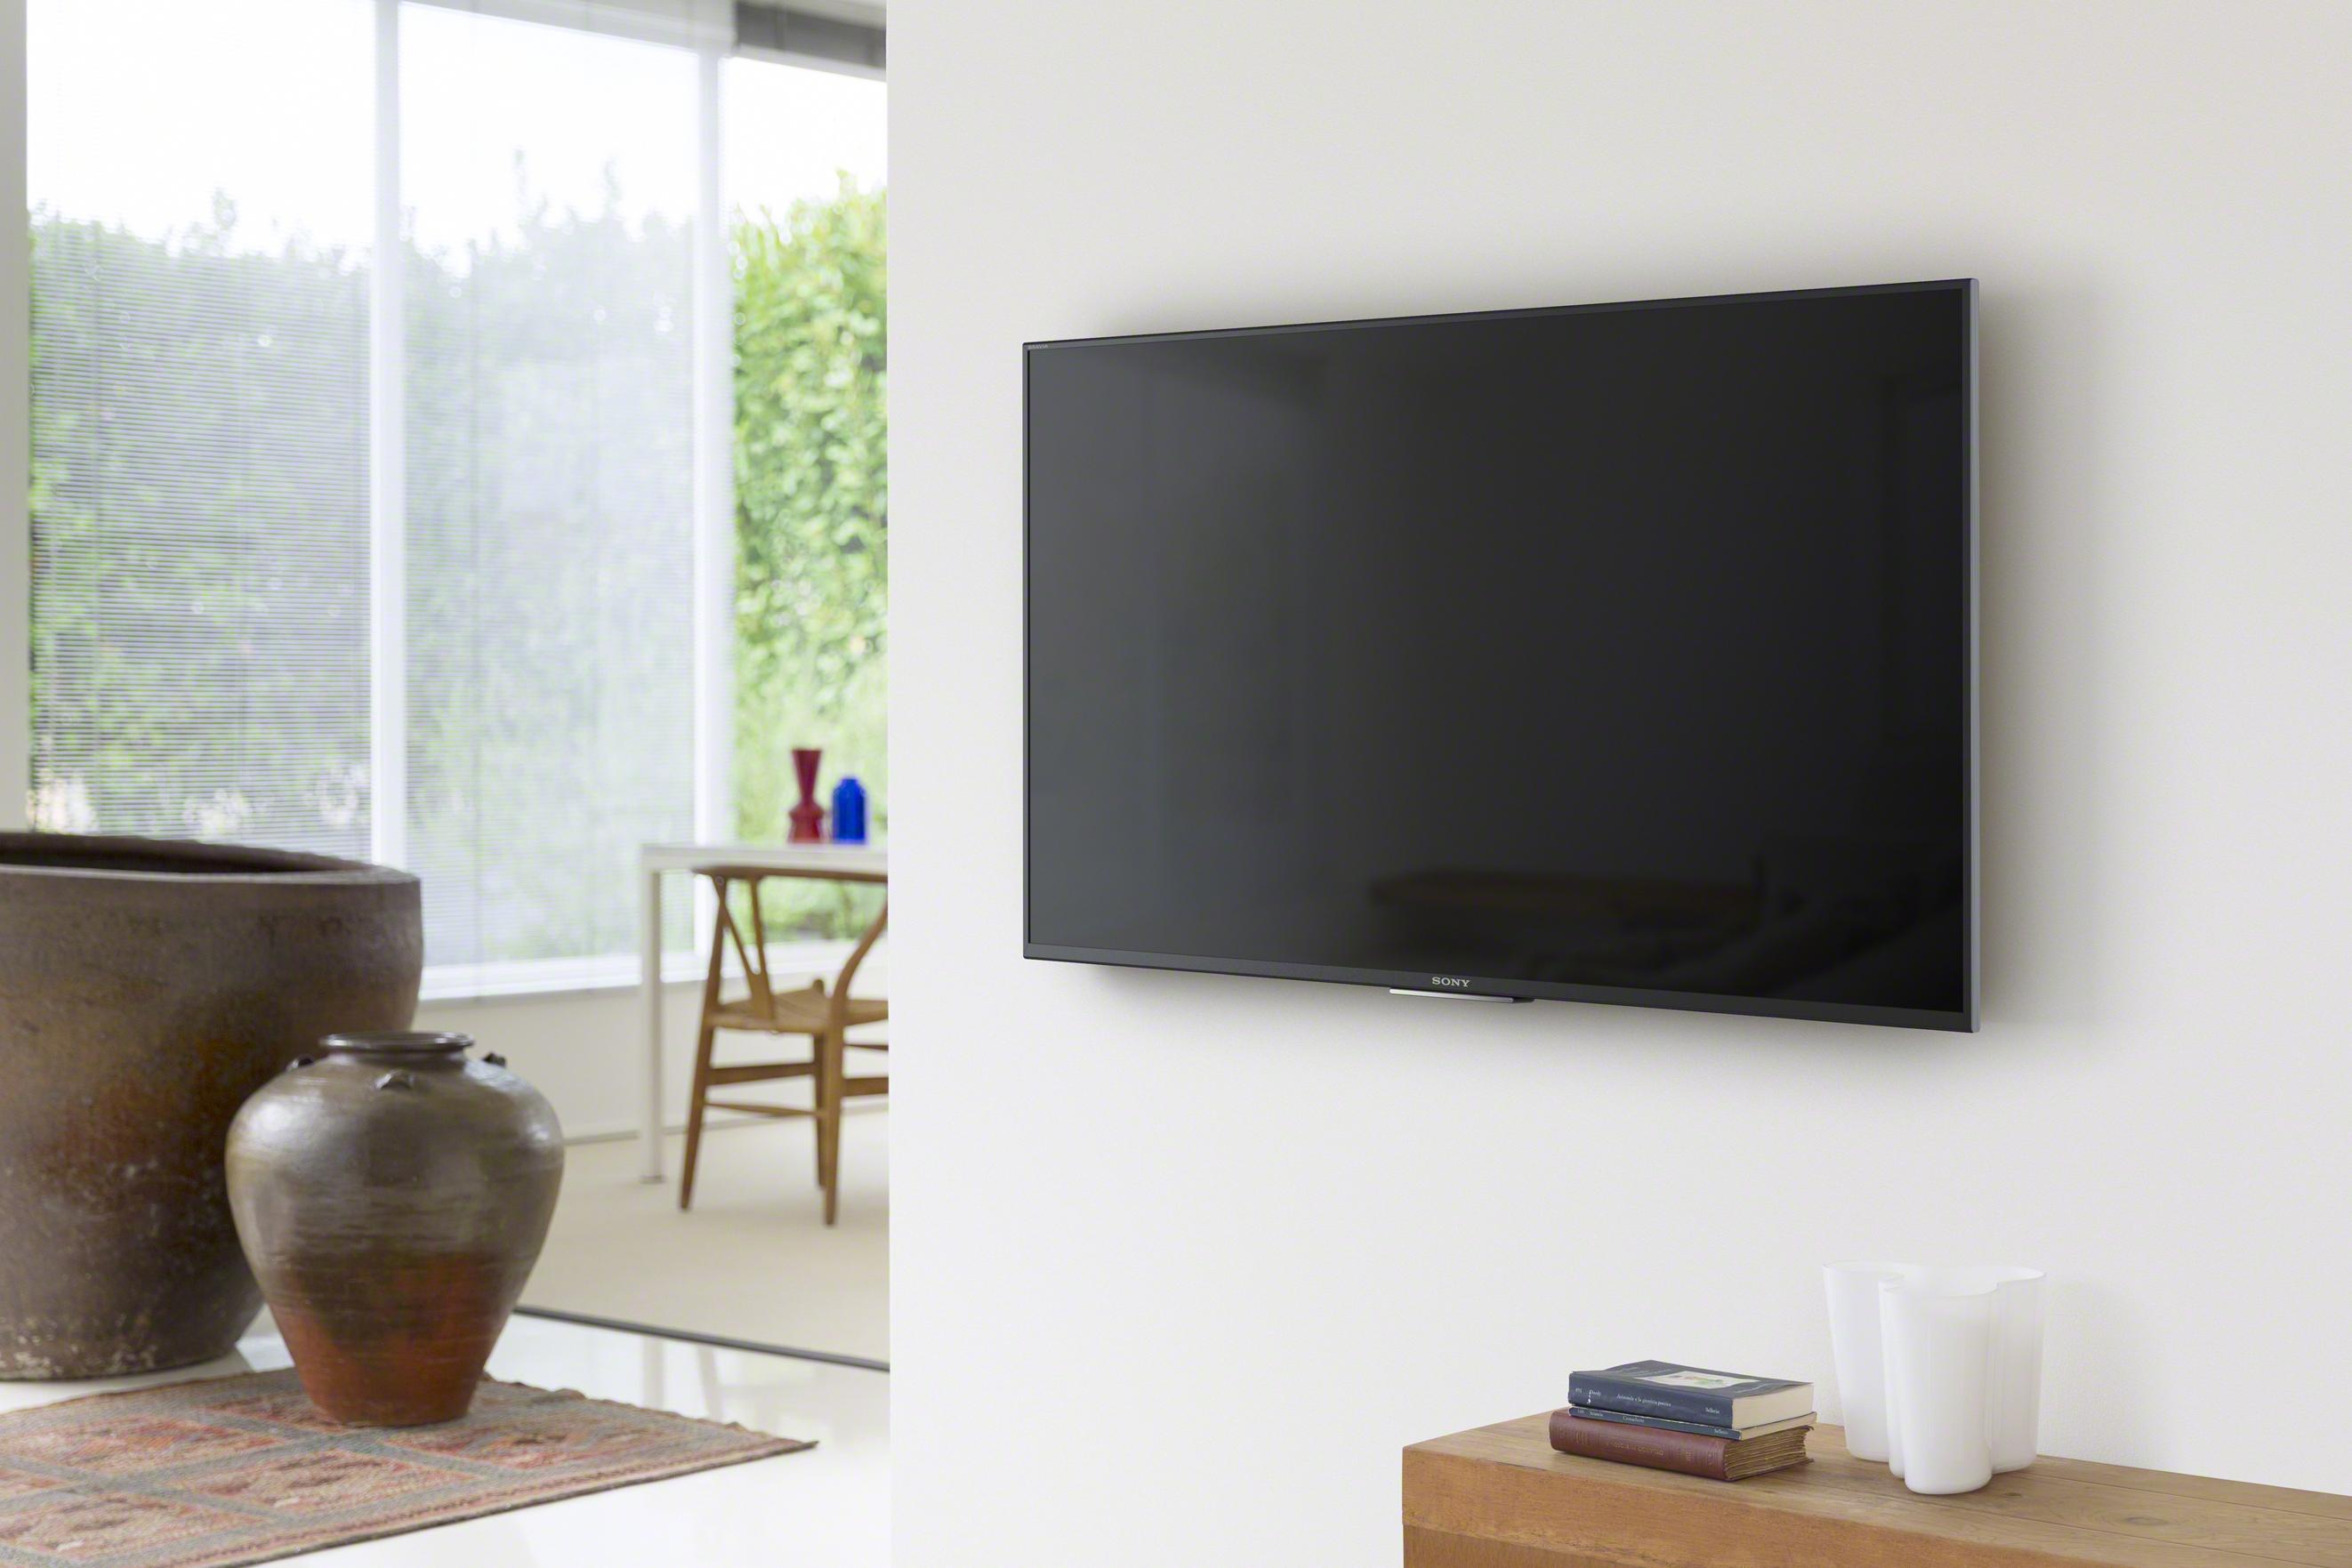 BRAVIA на базе Android TV